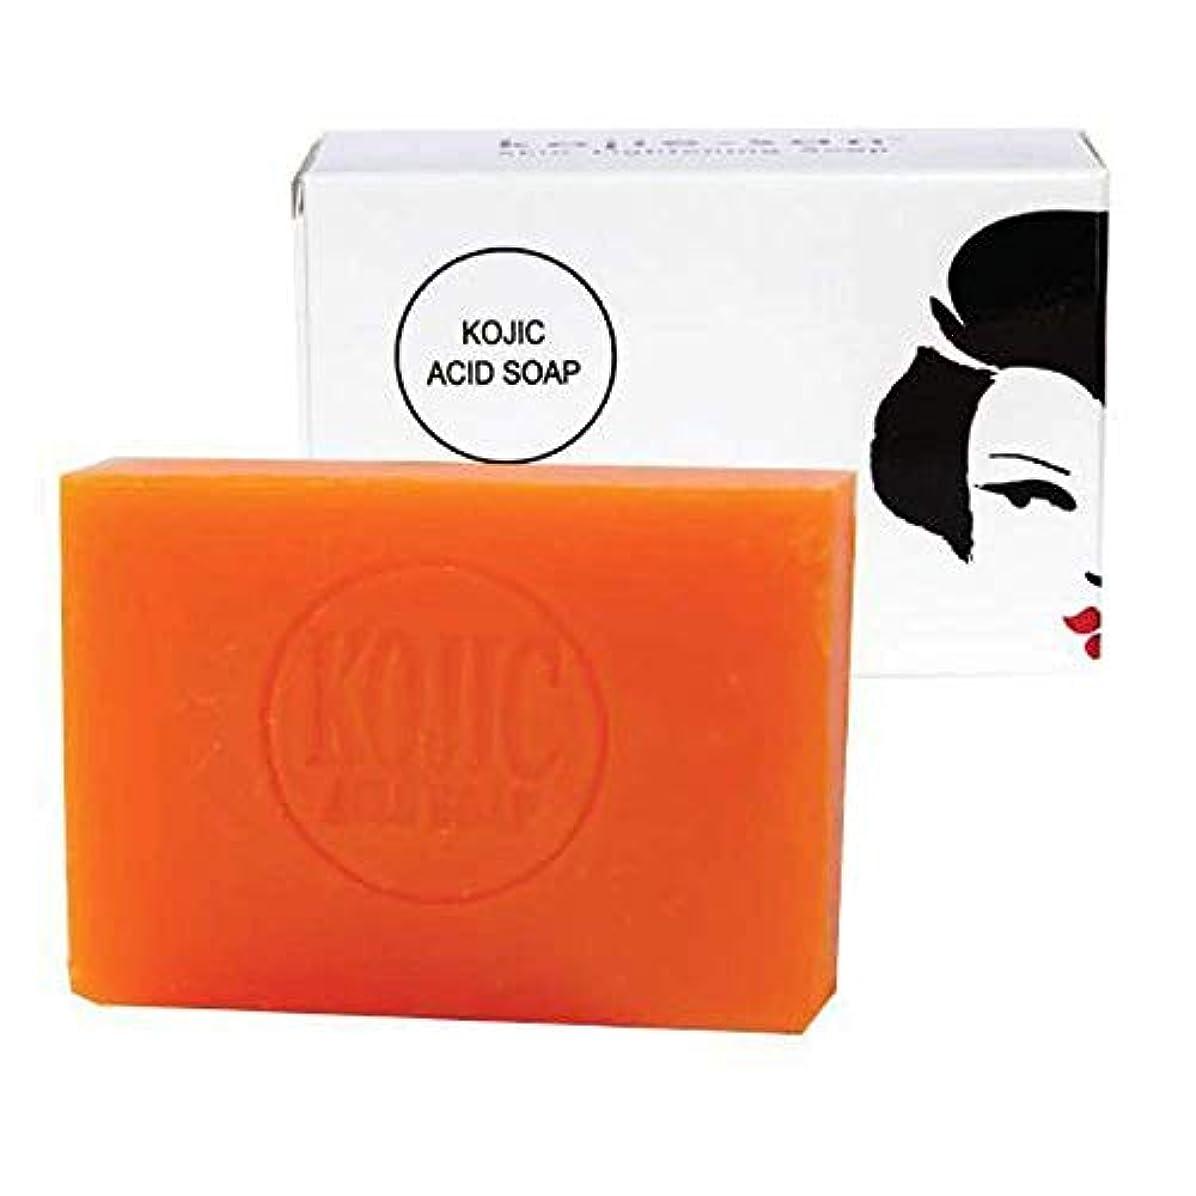 明るい計り知れない文言Kojie San Skin Lightening Kojic Acid Soap 2 Bars - 65G Fades Age Spots, Freckles, And Other Signs Of Sun Damage...